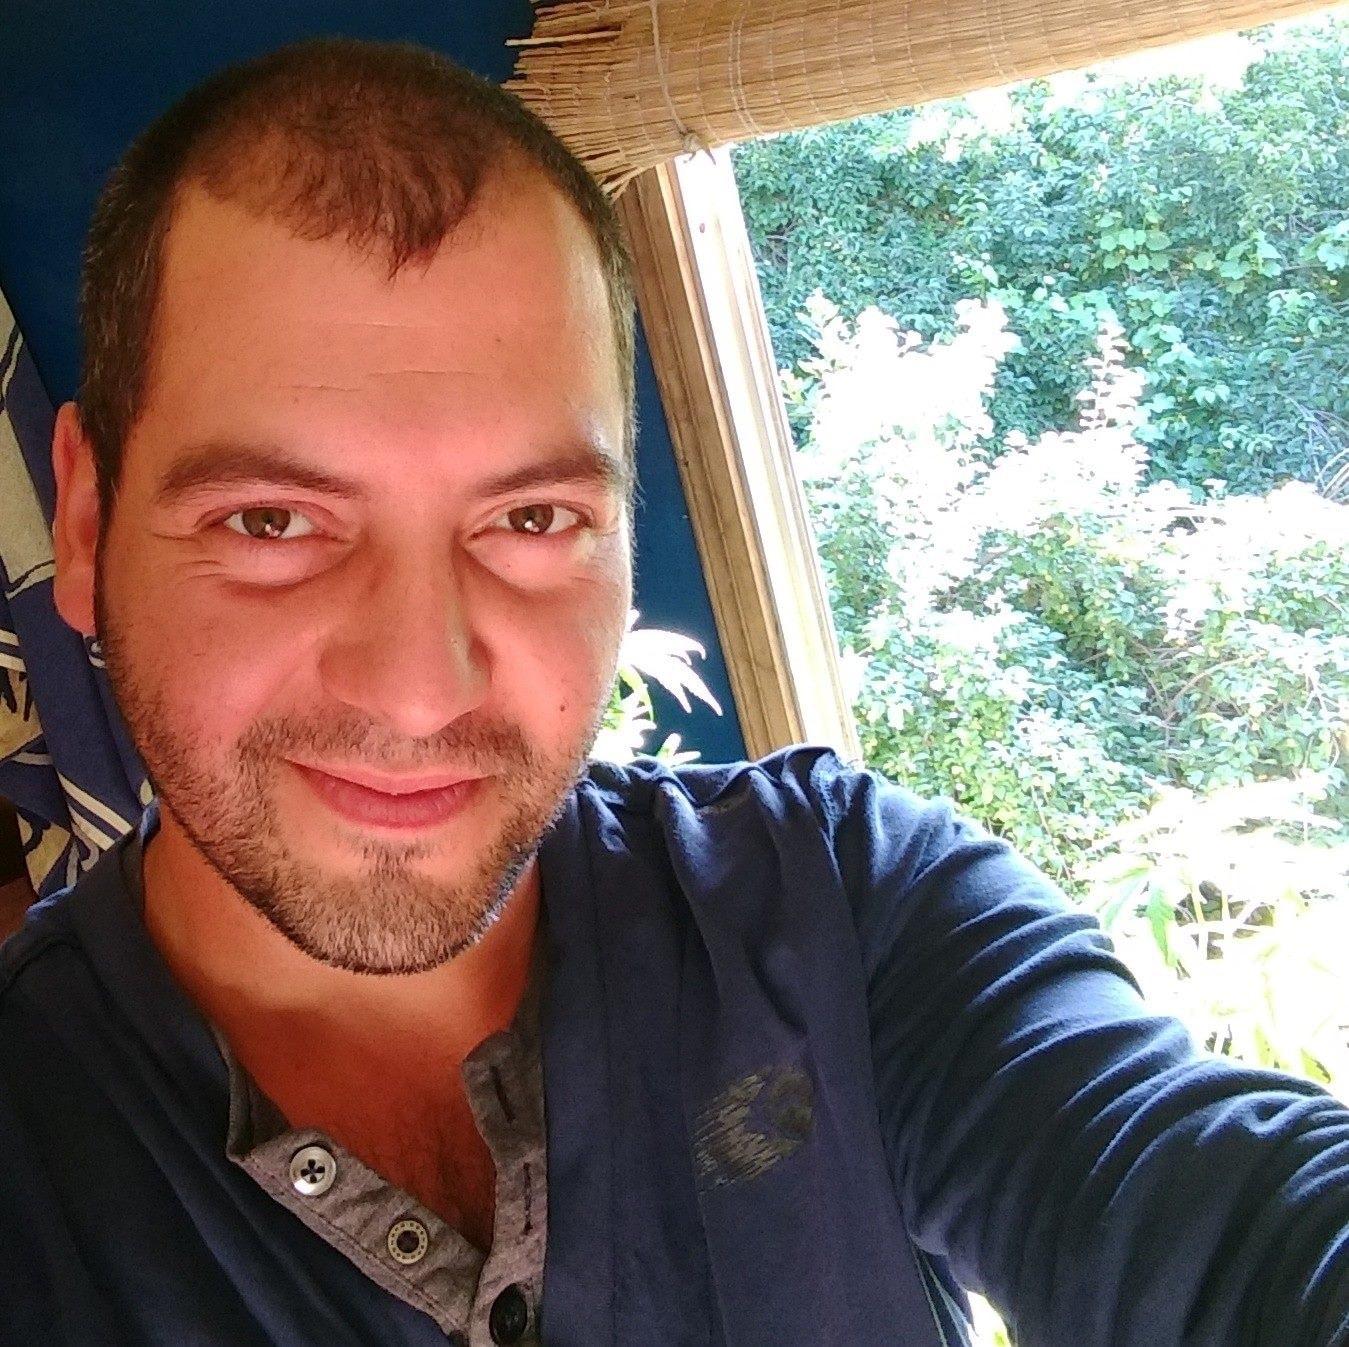 Go to Pablo Andrés Sandoval Fuenzalida's profile